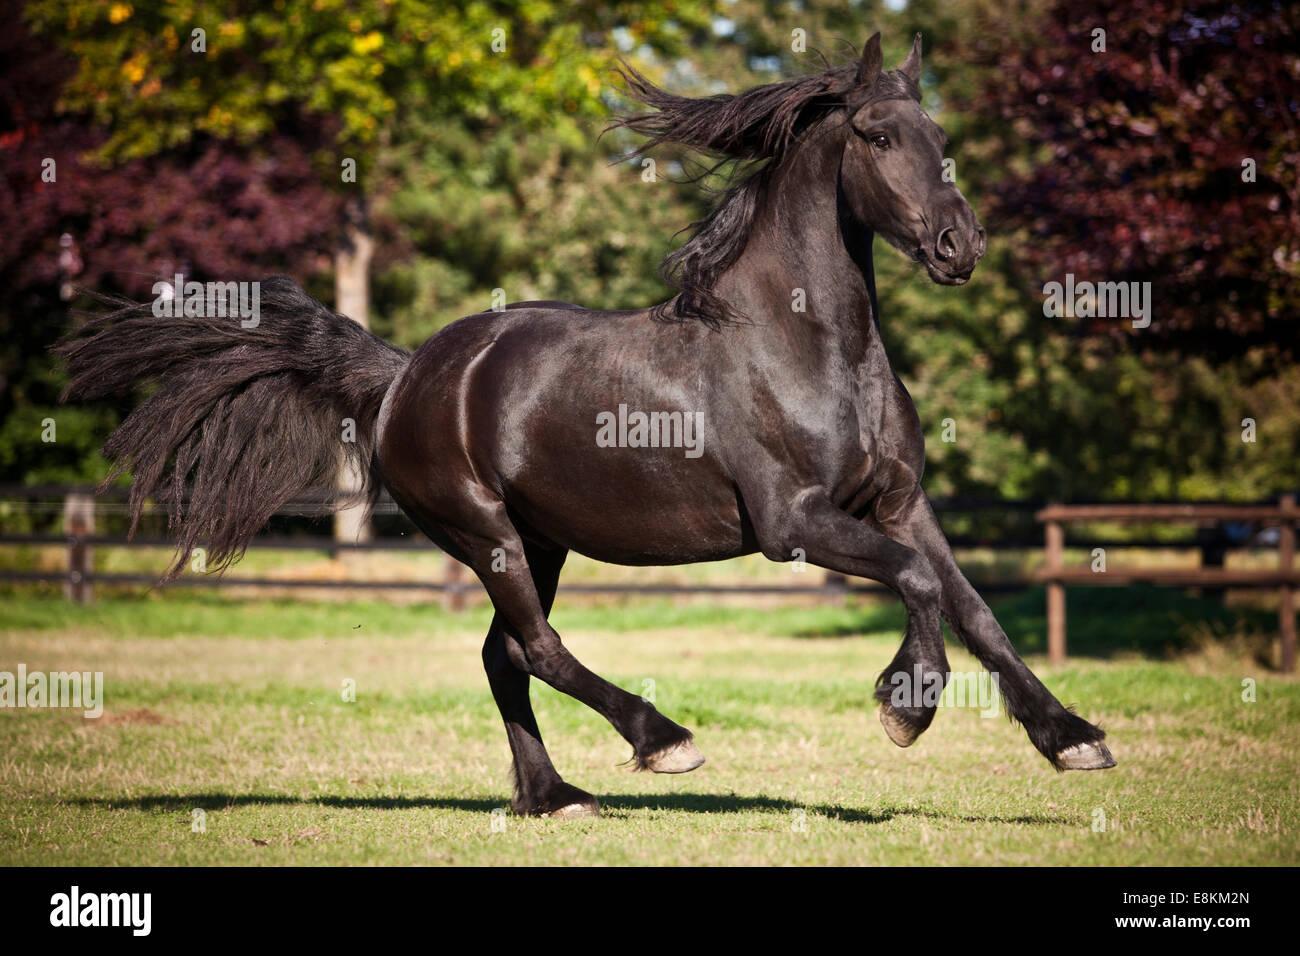 Cheval frison, noir, Bai, au galop on meadow Banque D'Images